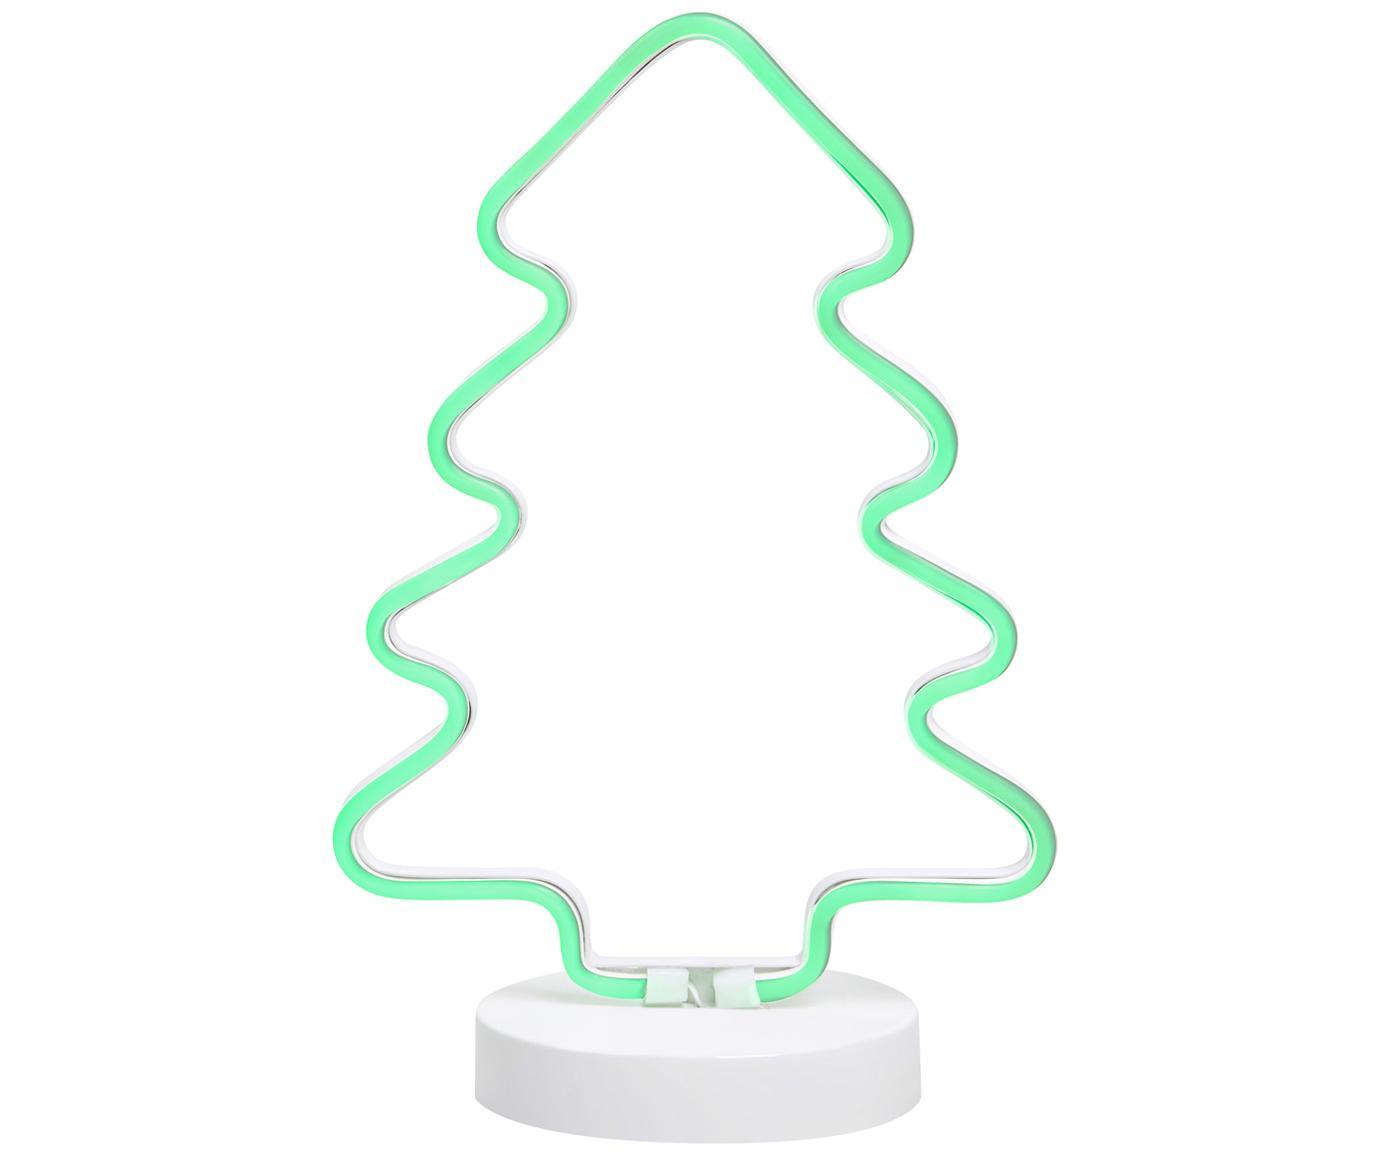 LED-Leuchtobjekt Vegas, Weiß, 23 x 36 cm